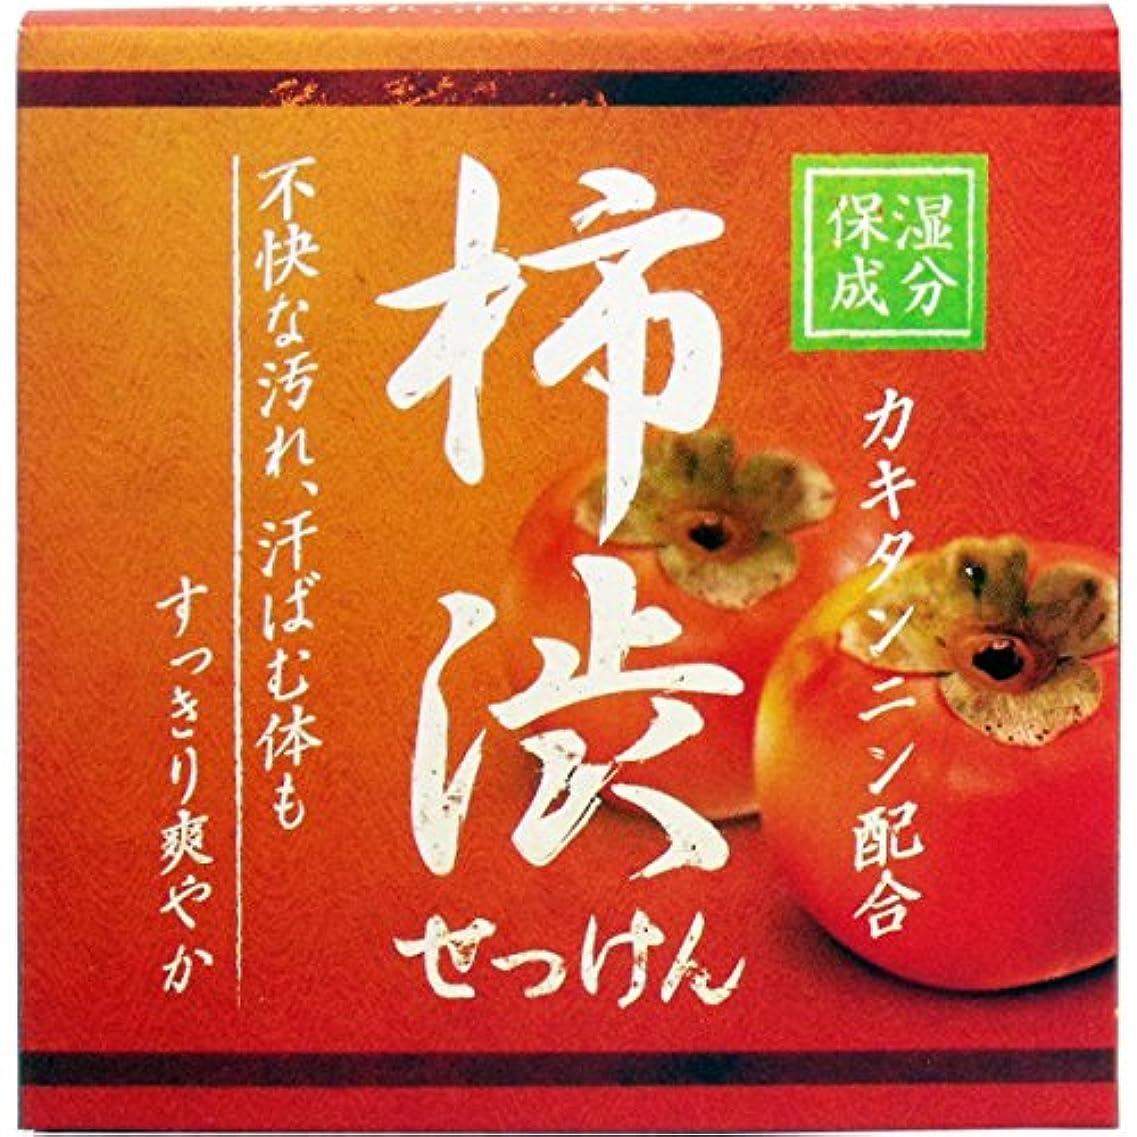 株式会社ねじれキノコクロバーコーポレーション 柿渋配合石けん 石鹸 セッケン せっけん HYA-SKA 80g×3